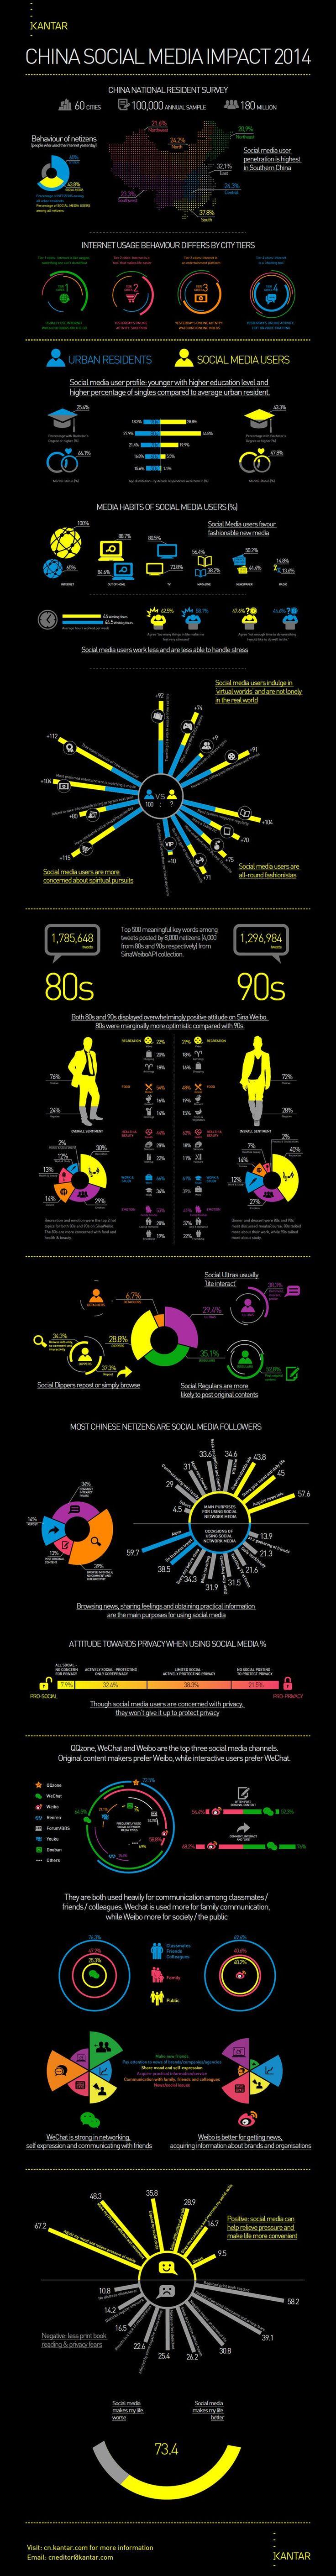 China Social Media Impact 2014 Kantar